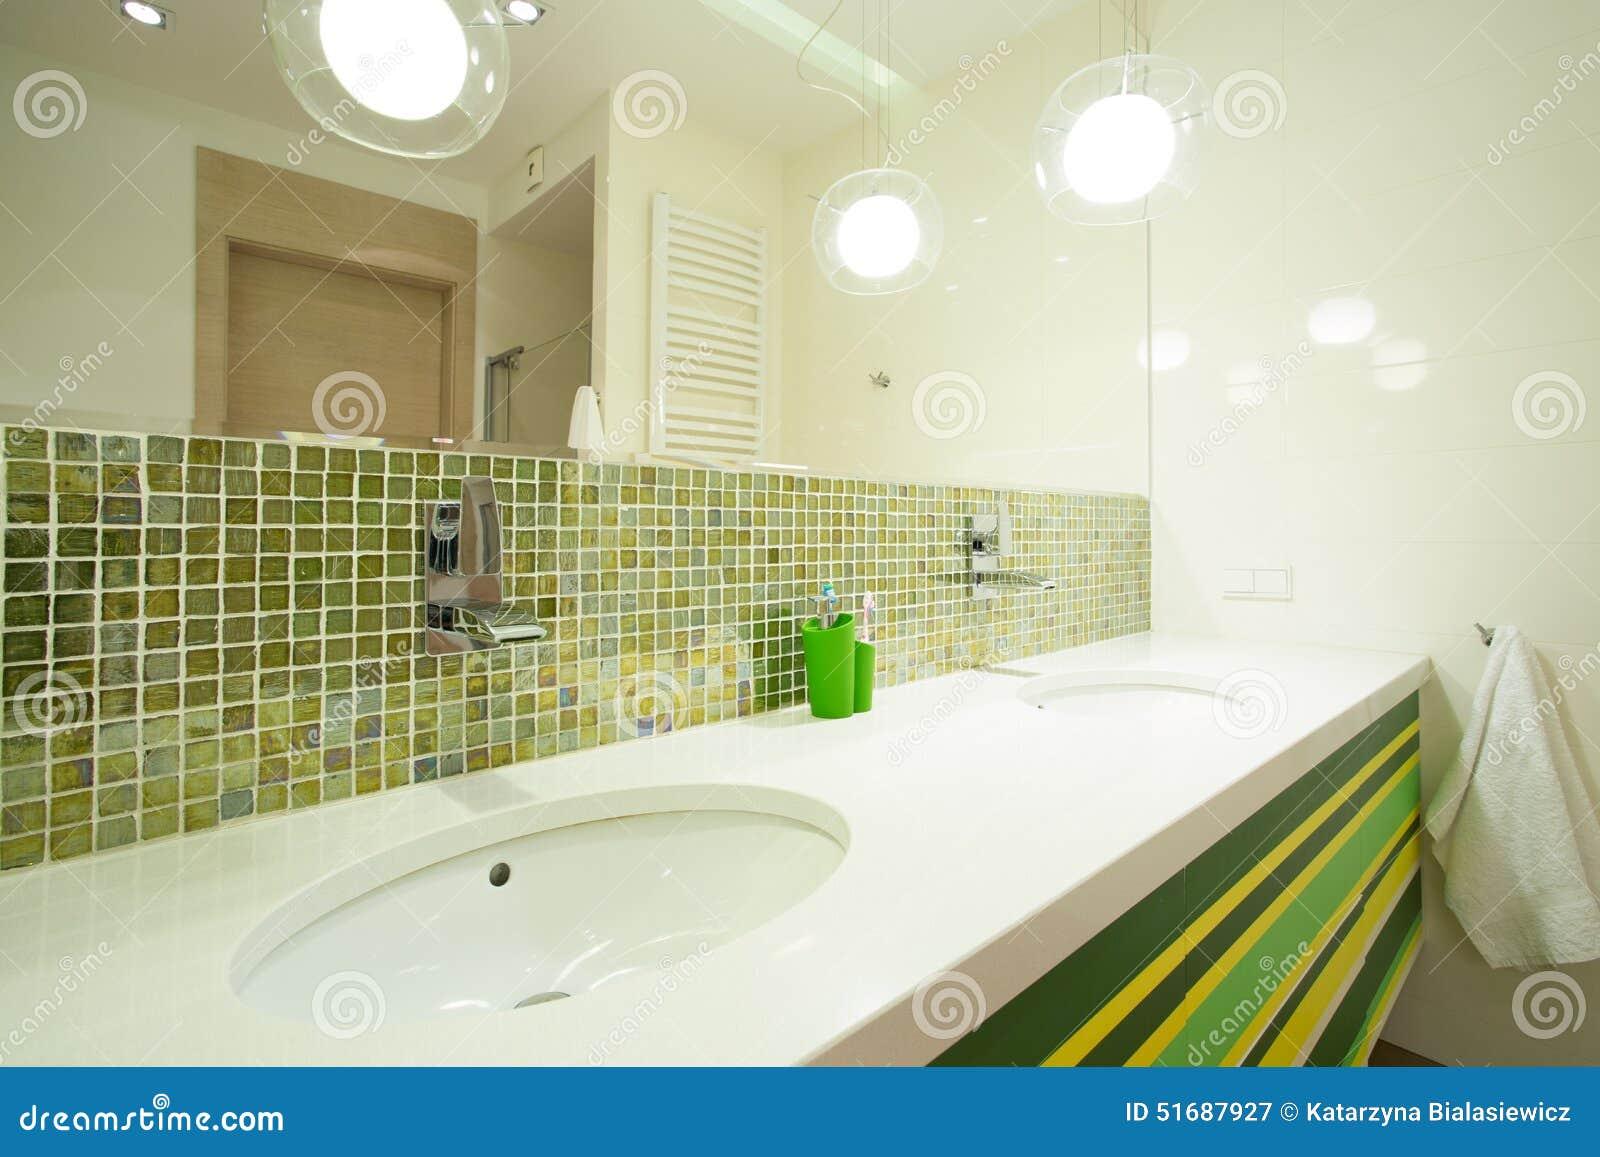 Mattonelle Verdi In Bagno Moderno Immagine Stock - Immagine di ...